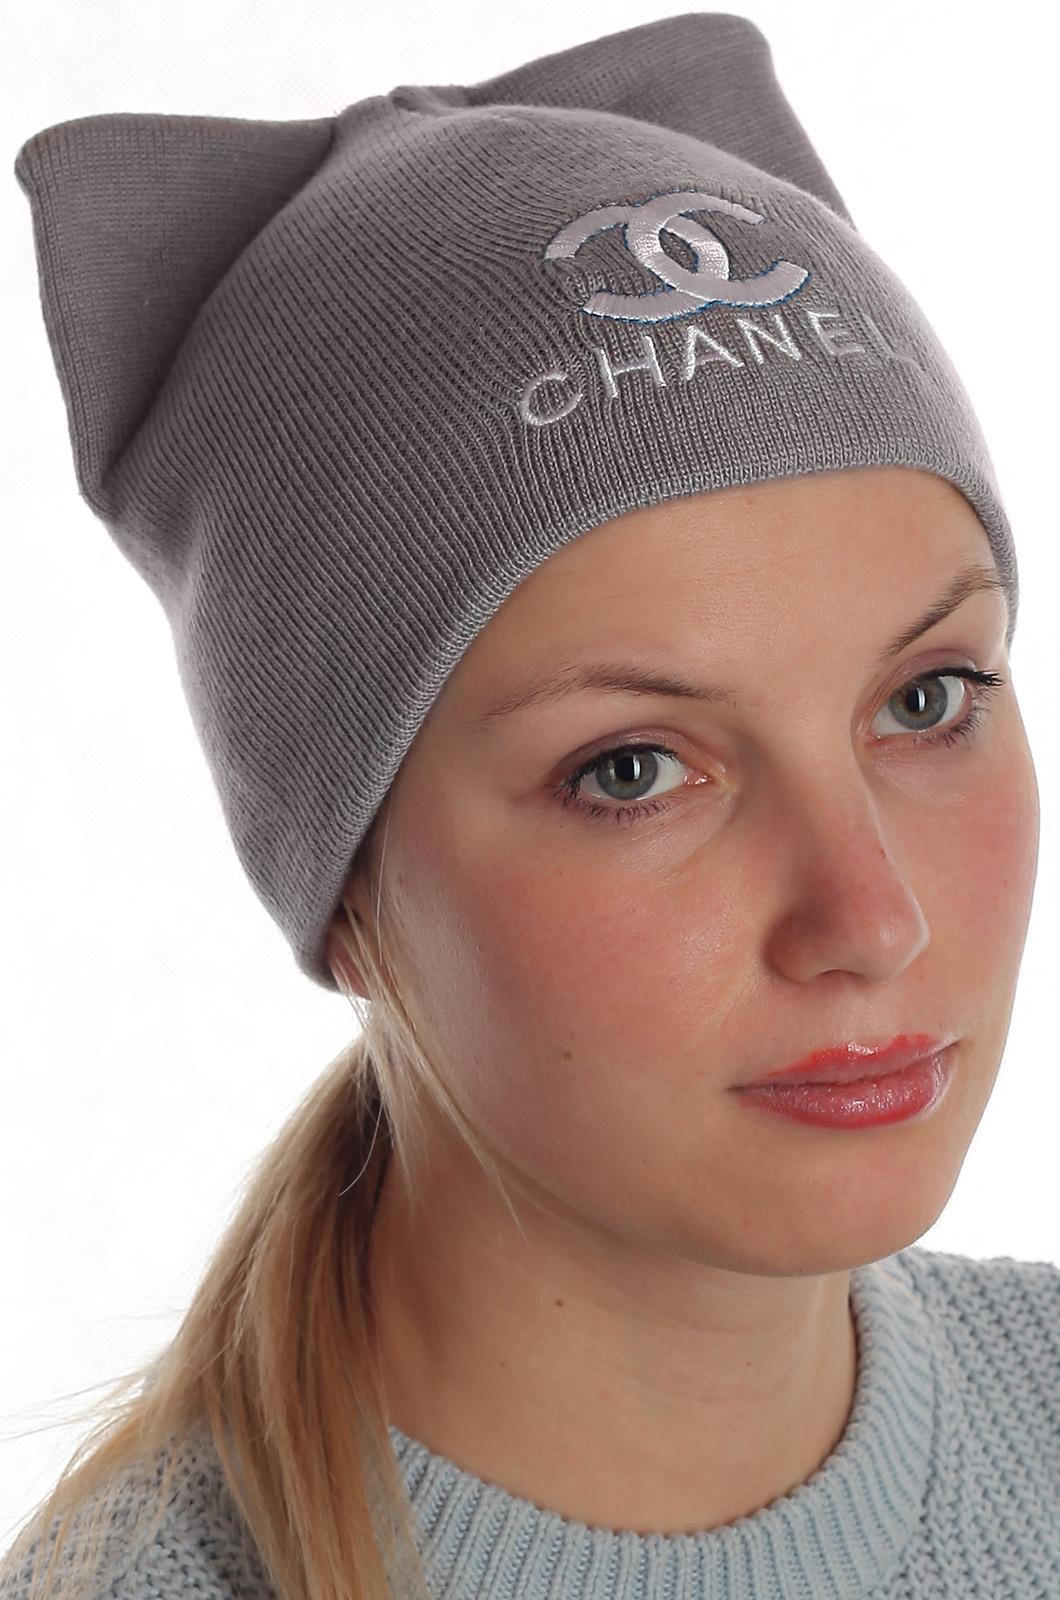 Женственная уютная шапка Chanel элегантного варианта восхитительным красоткам